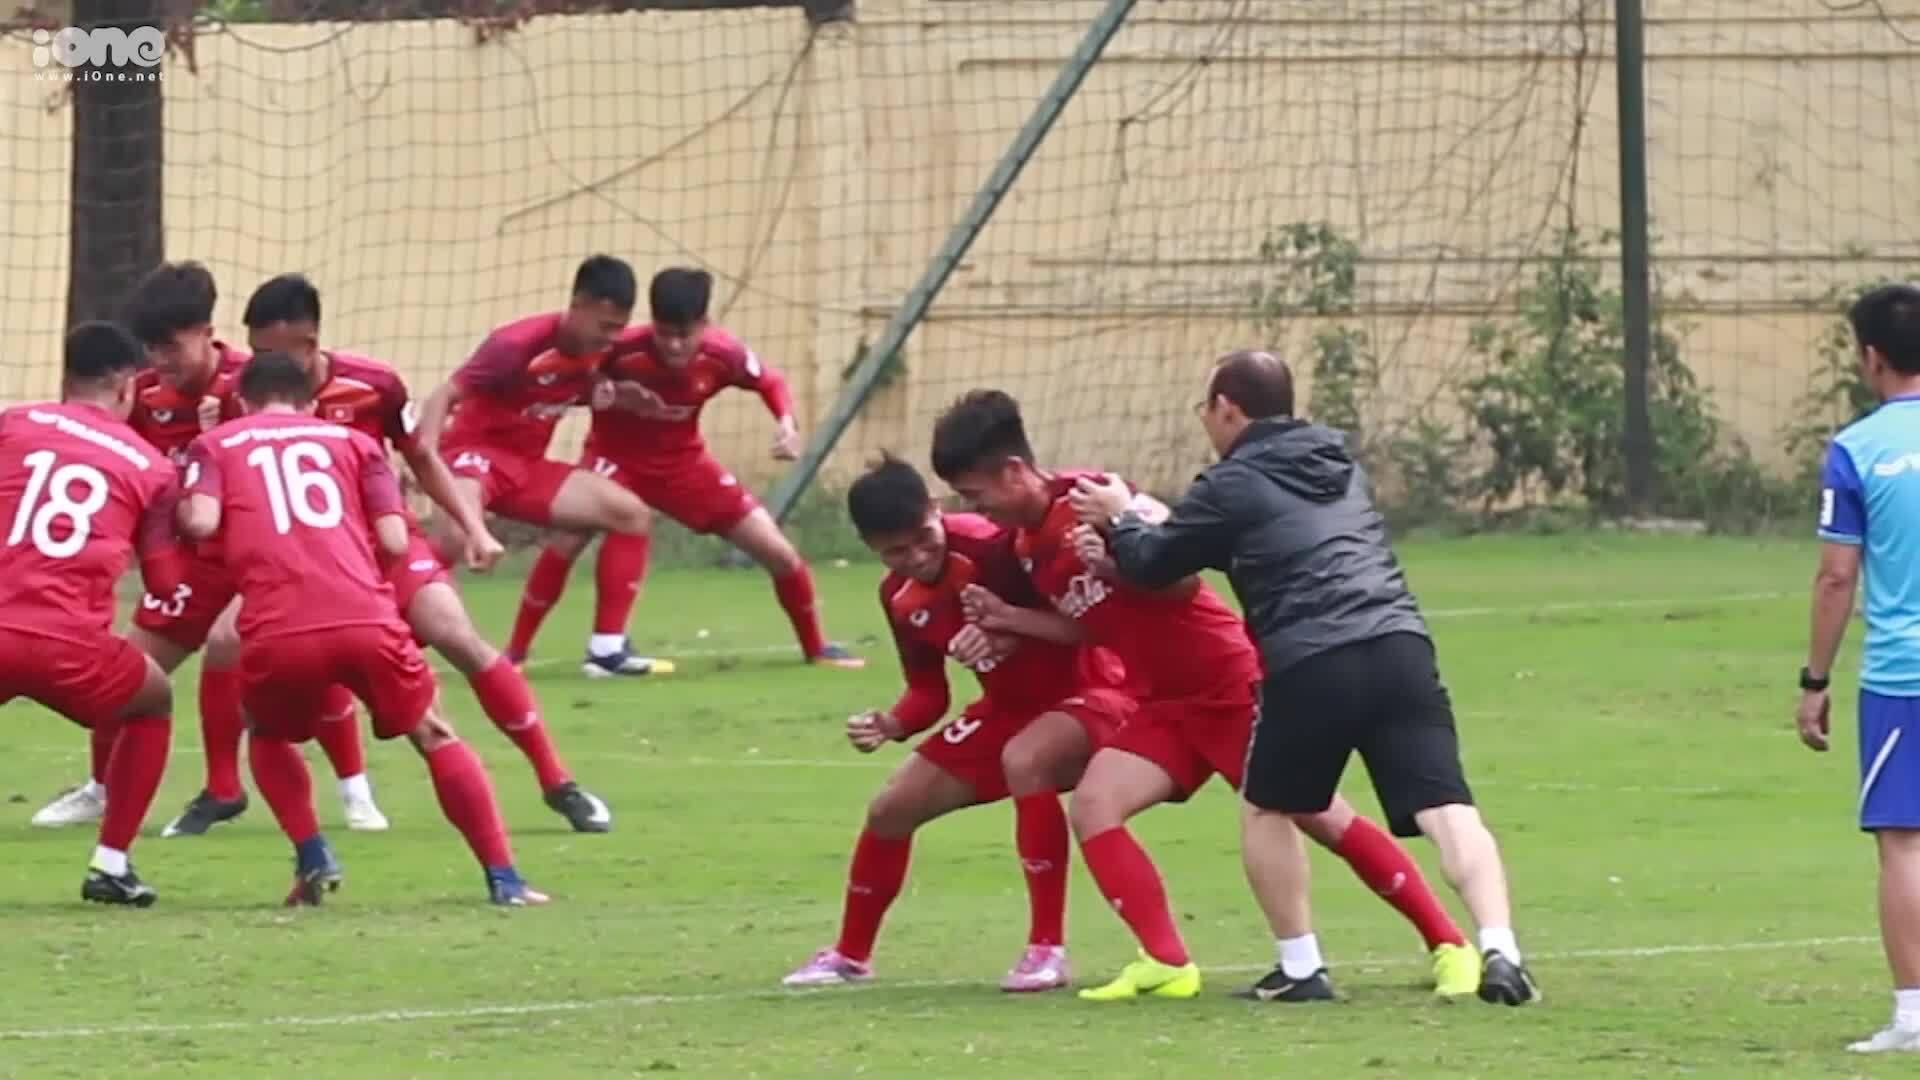 """U23 Hoàng Đức: """"Bất ngờ khi được HLV Park Hang-seo lựa chọn làm đội phó"""""""